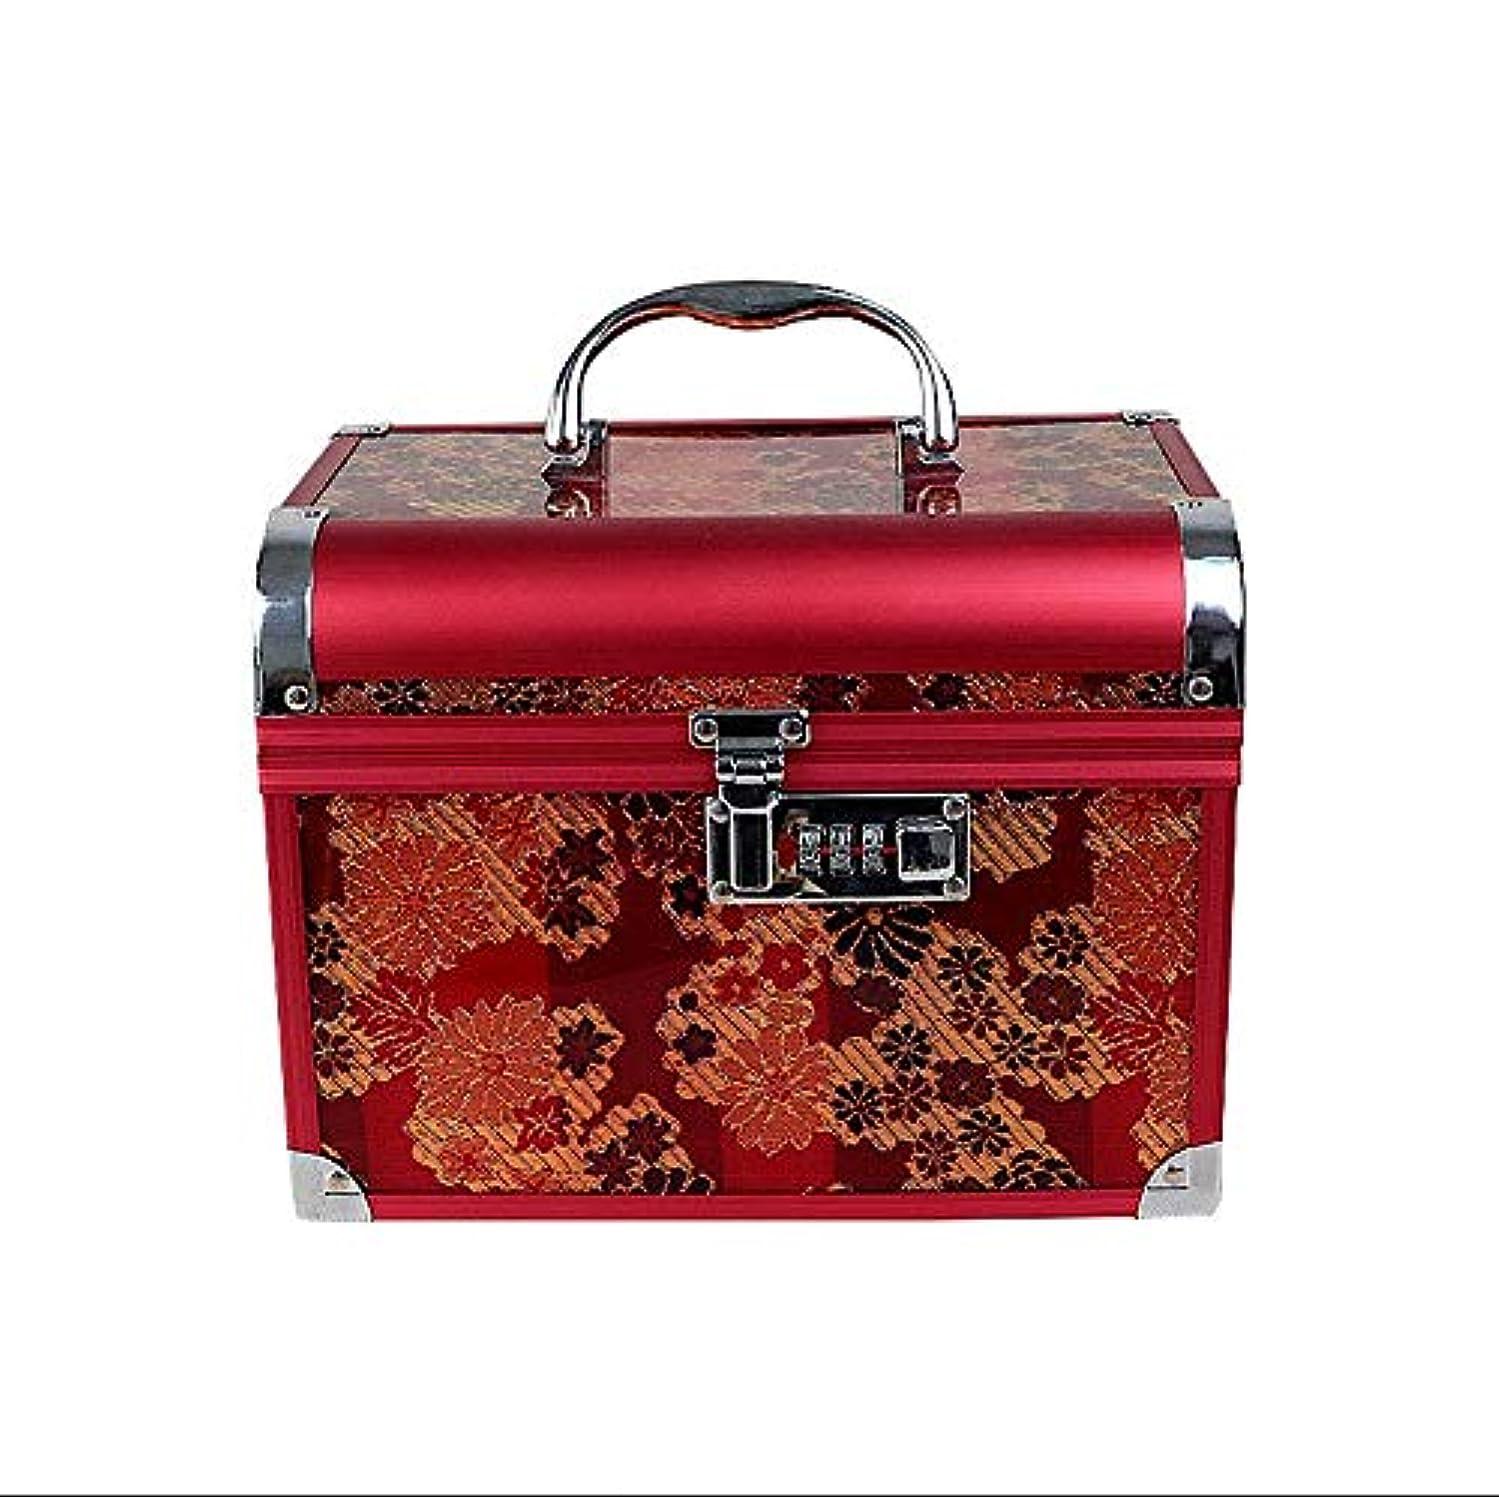 断言する証明書雲化粧オーガナイザーバッグ 美容メイクアップのための大容量ポータブル化粧ケース、女性用女性用旅行用品、コード付きロック付き折り畳みトレイ 化粧品ケース